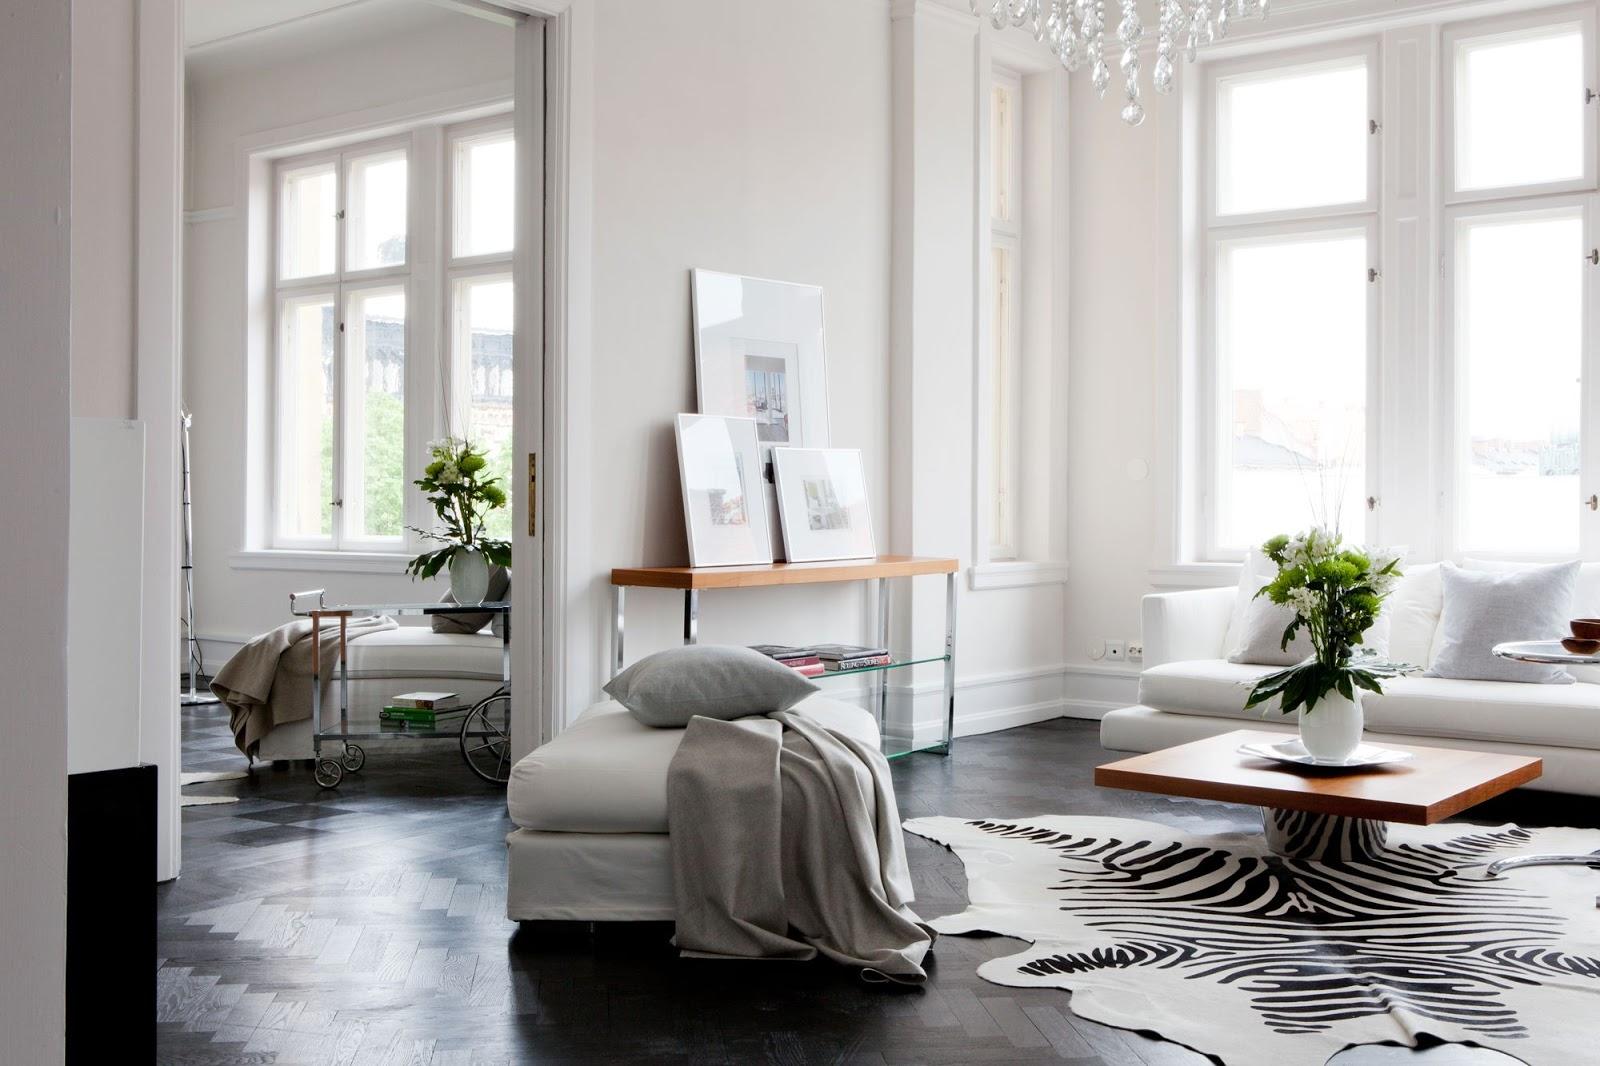 Einrichten Liatorp Wohnideen Schlafzimmer Modern: Lewis Lighting Benton Ar  Modern .